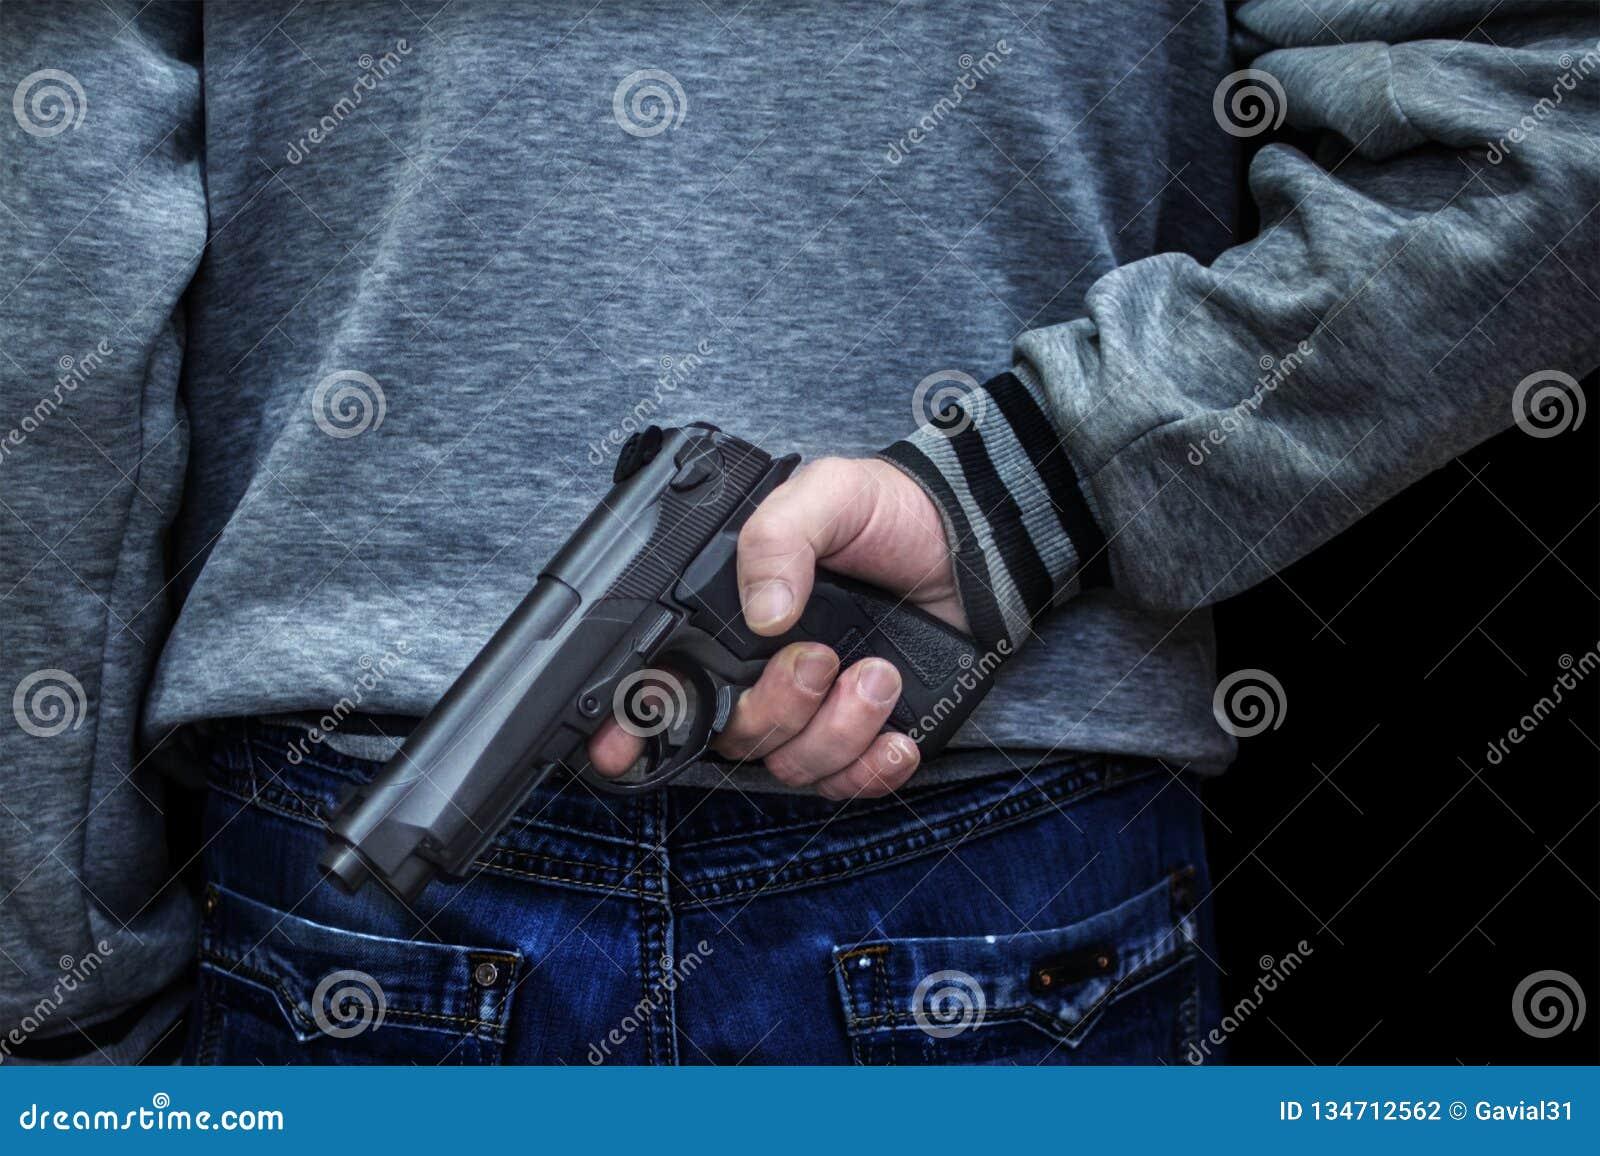 Uomo che tiene una pistola dietro il suo indietro contro un fondo nero concetto del pericolo, crimine